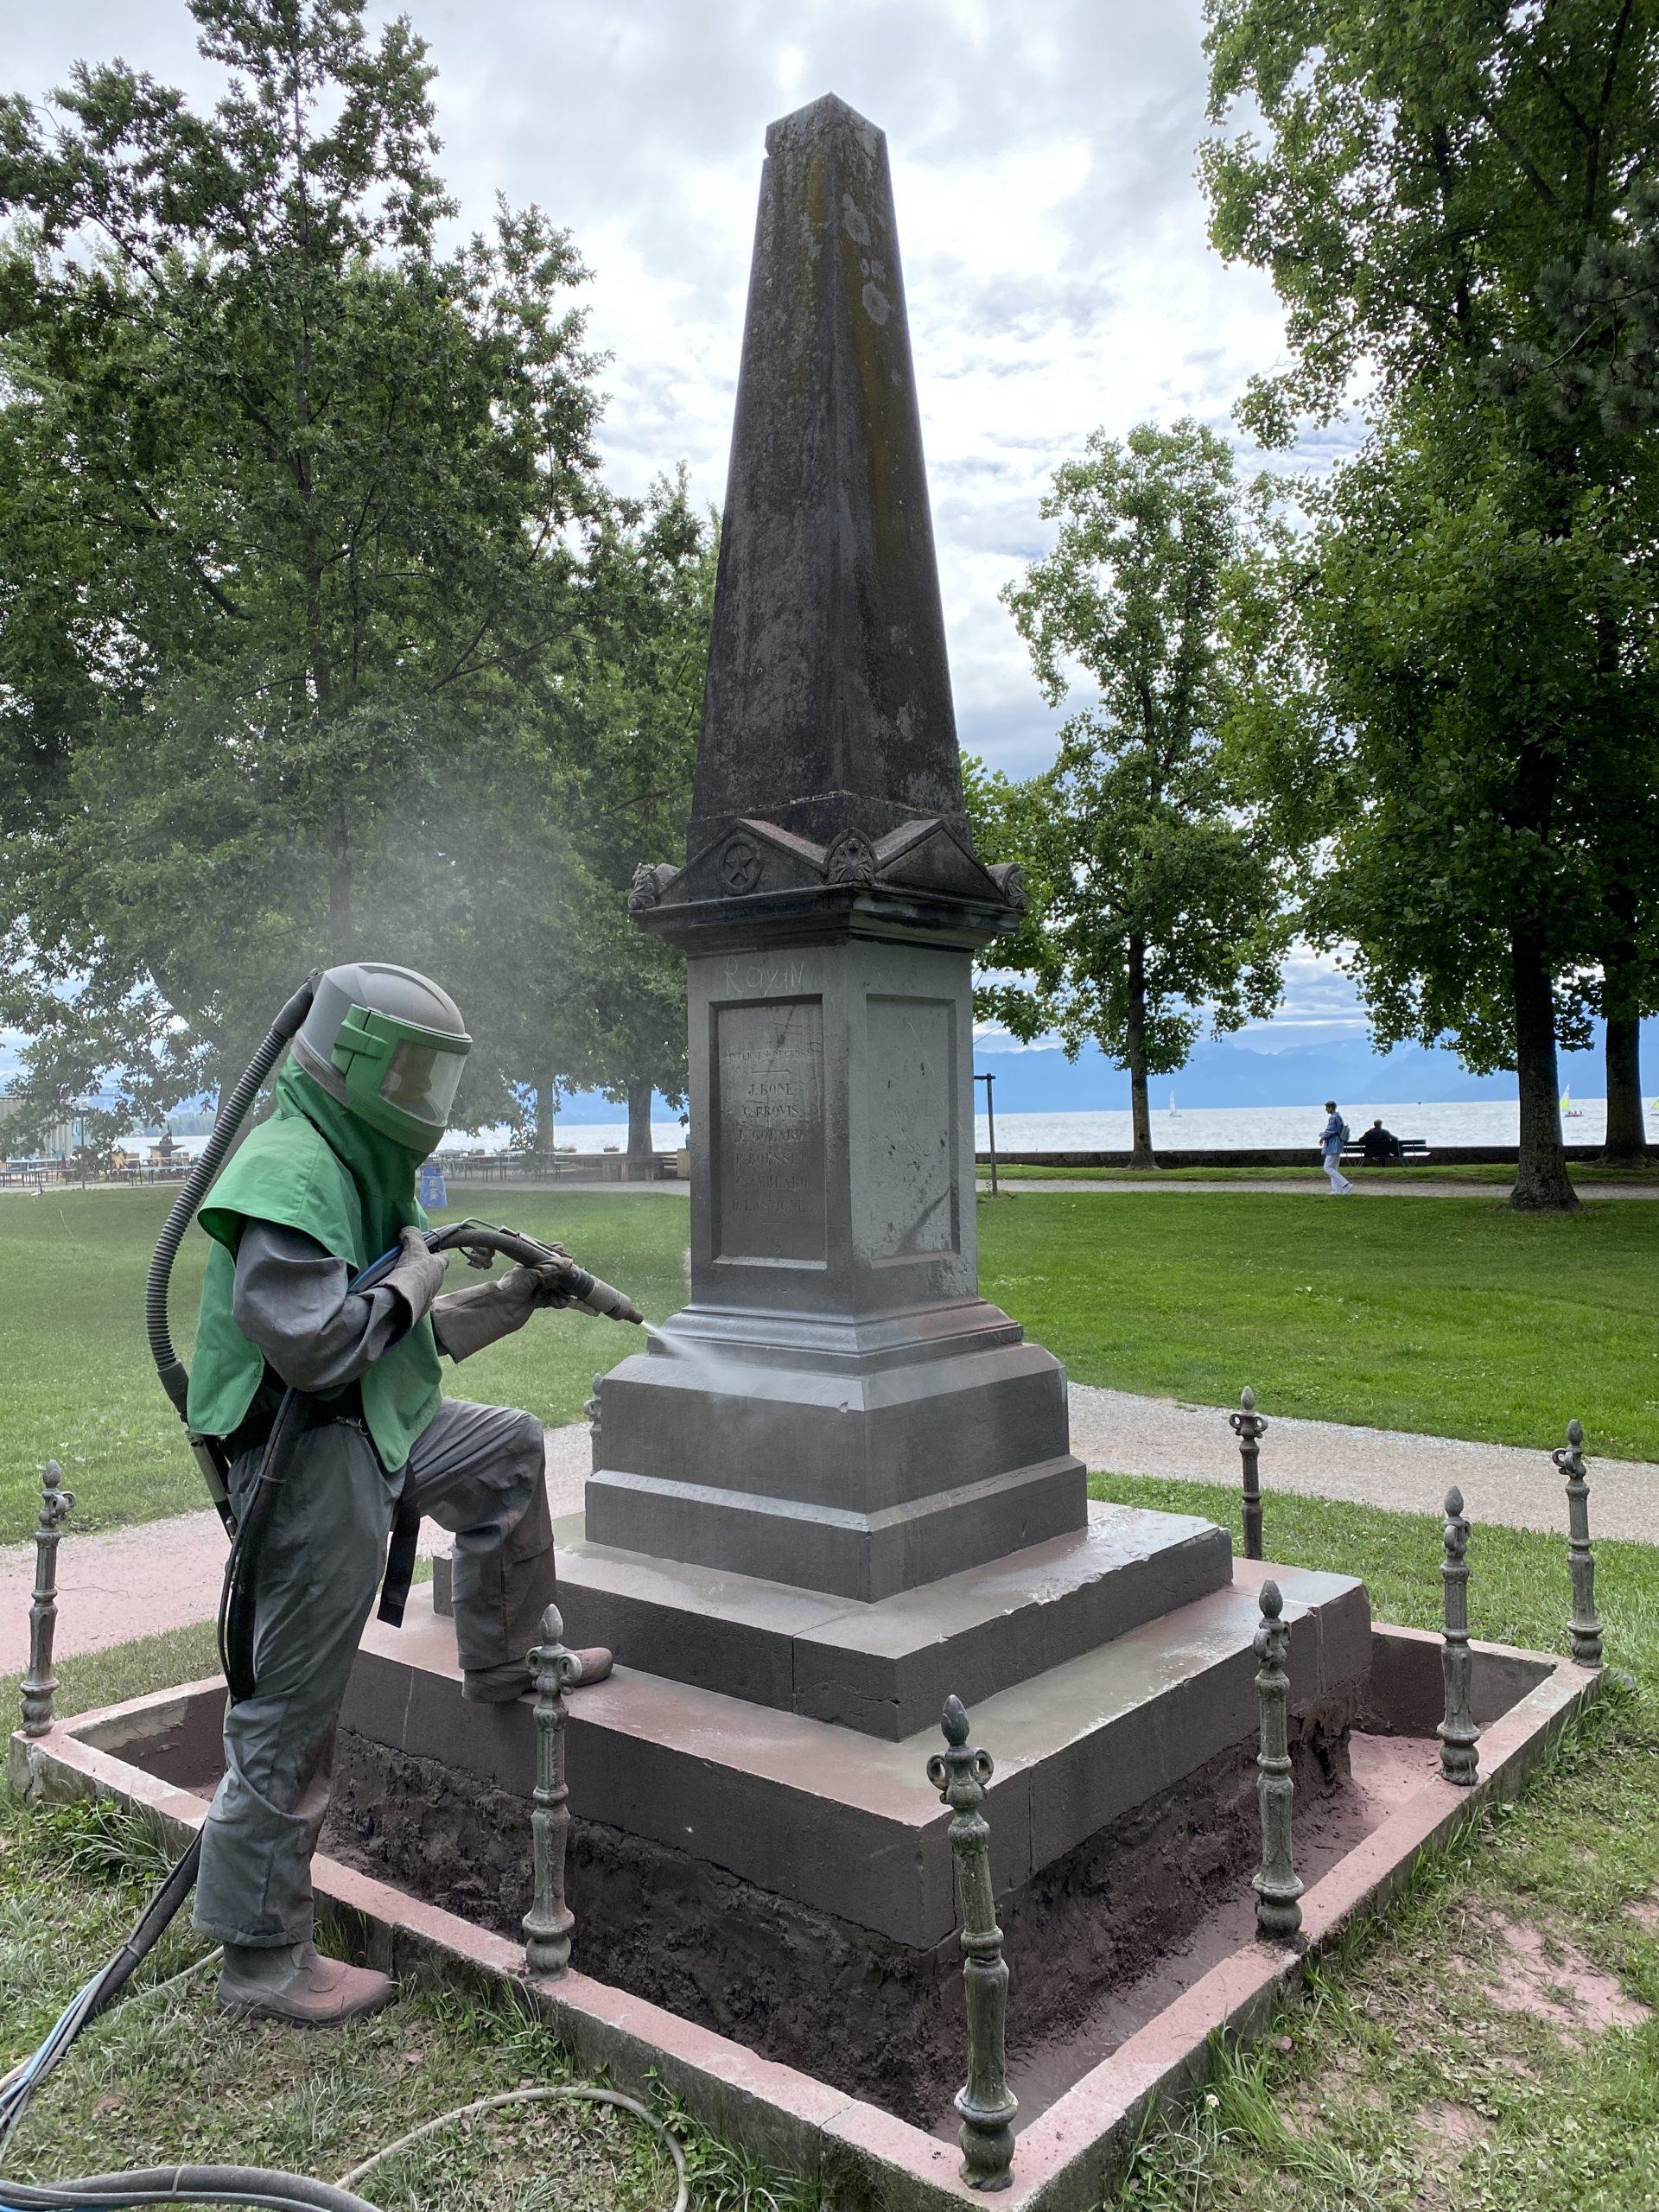 Travaux d'hydrogommage sur l'ensemble du monument